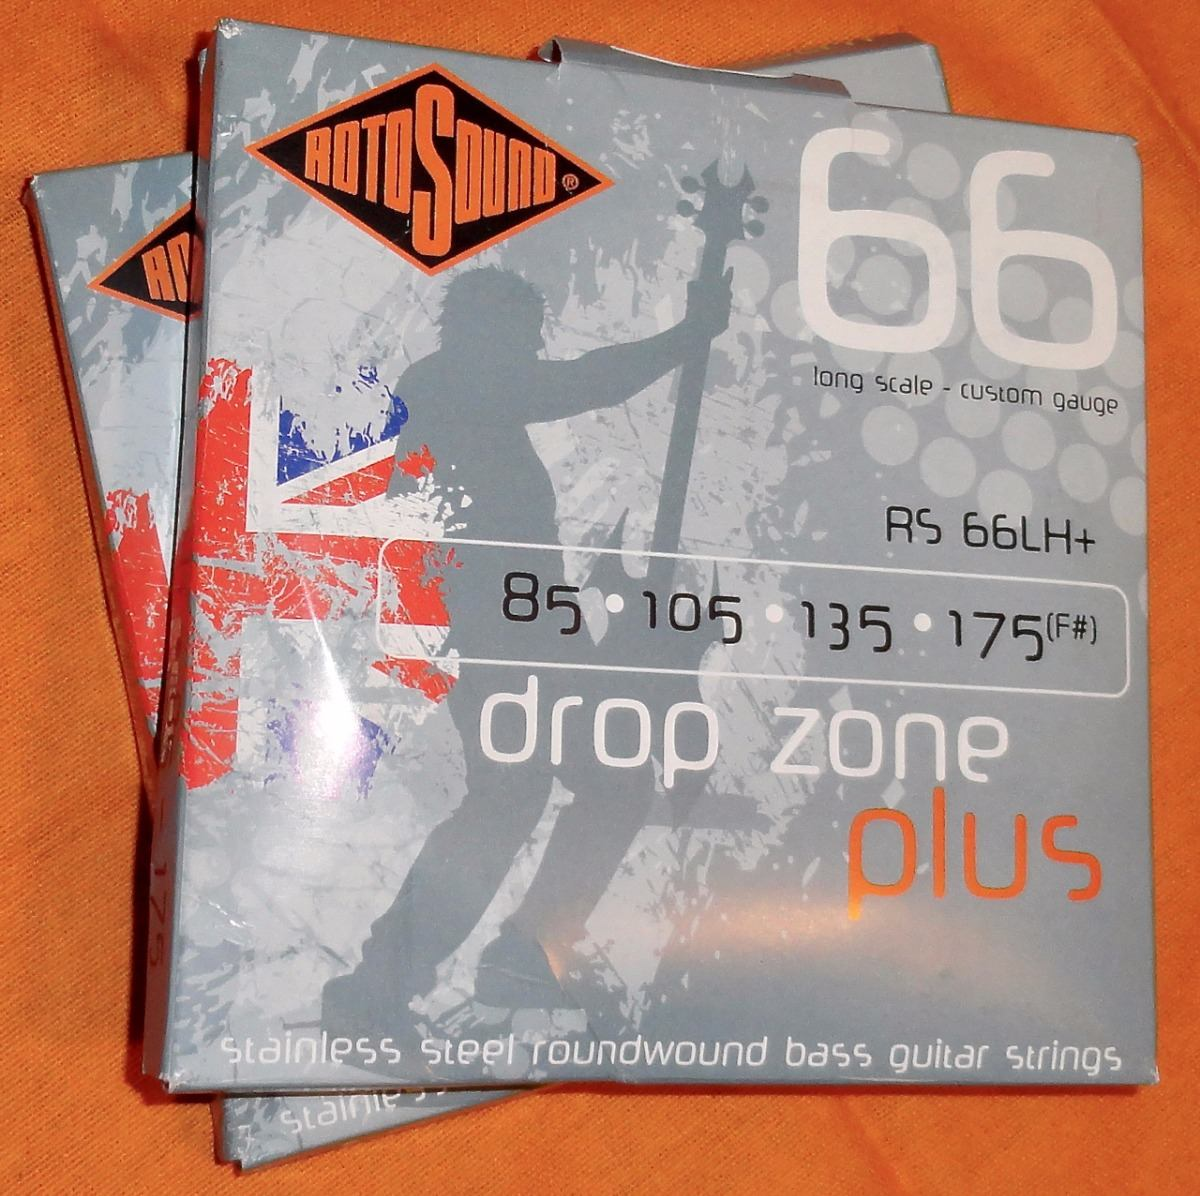 Encordoamento para afinação baixa Rotosound-rs66hl-drop-zone-plus-66-custom-gauge-england-D_NQ_NP_876618-MLB25752971889_072017-F